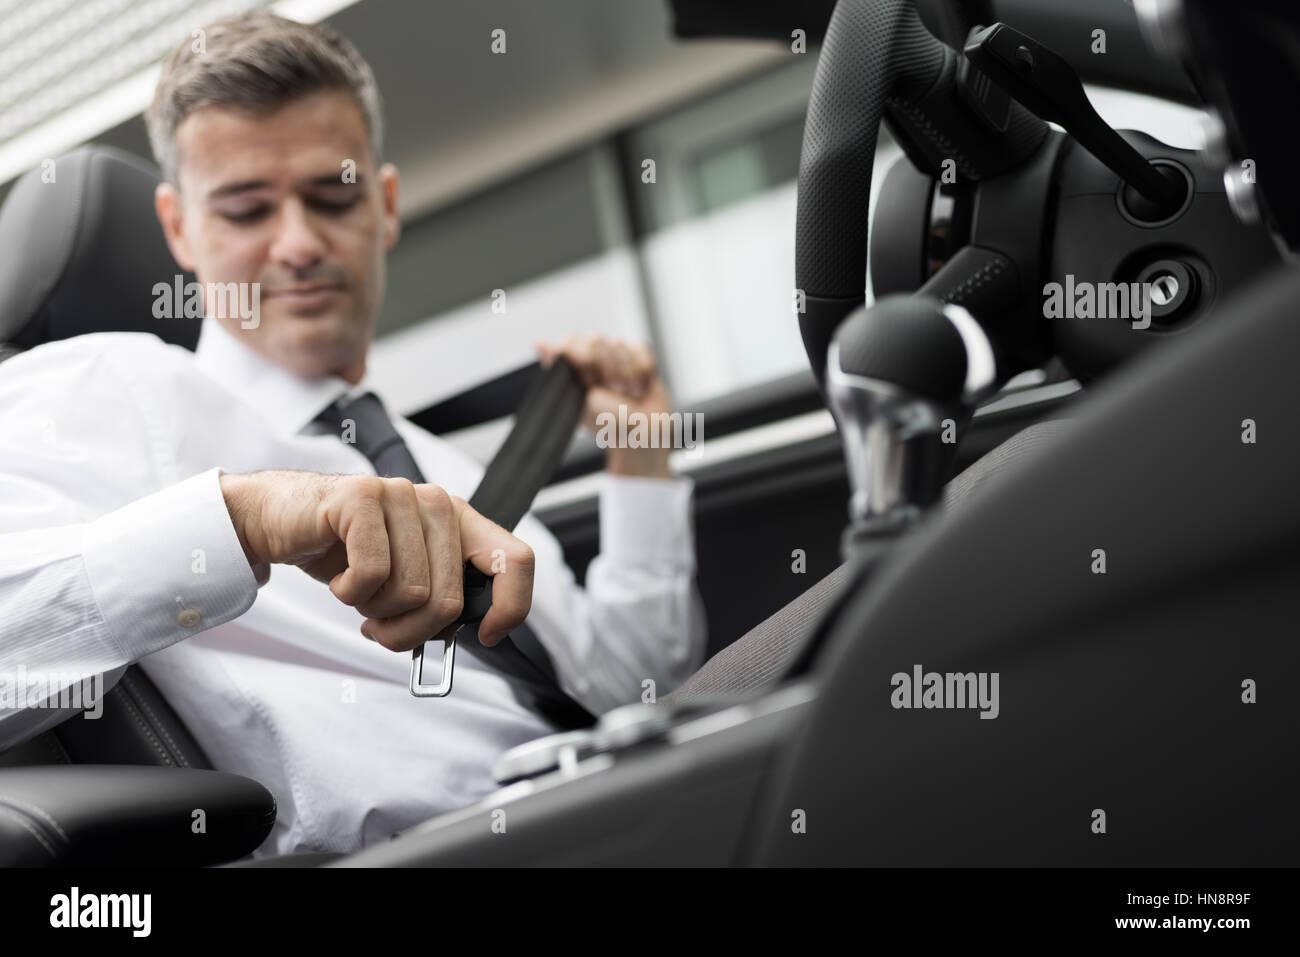 Geschäftsmann in seinem Auto Befestigung Sicherheitsgurt, sichere treibende Konzept Stockbild